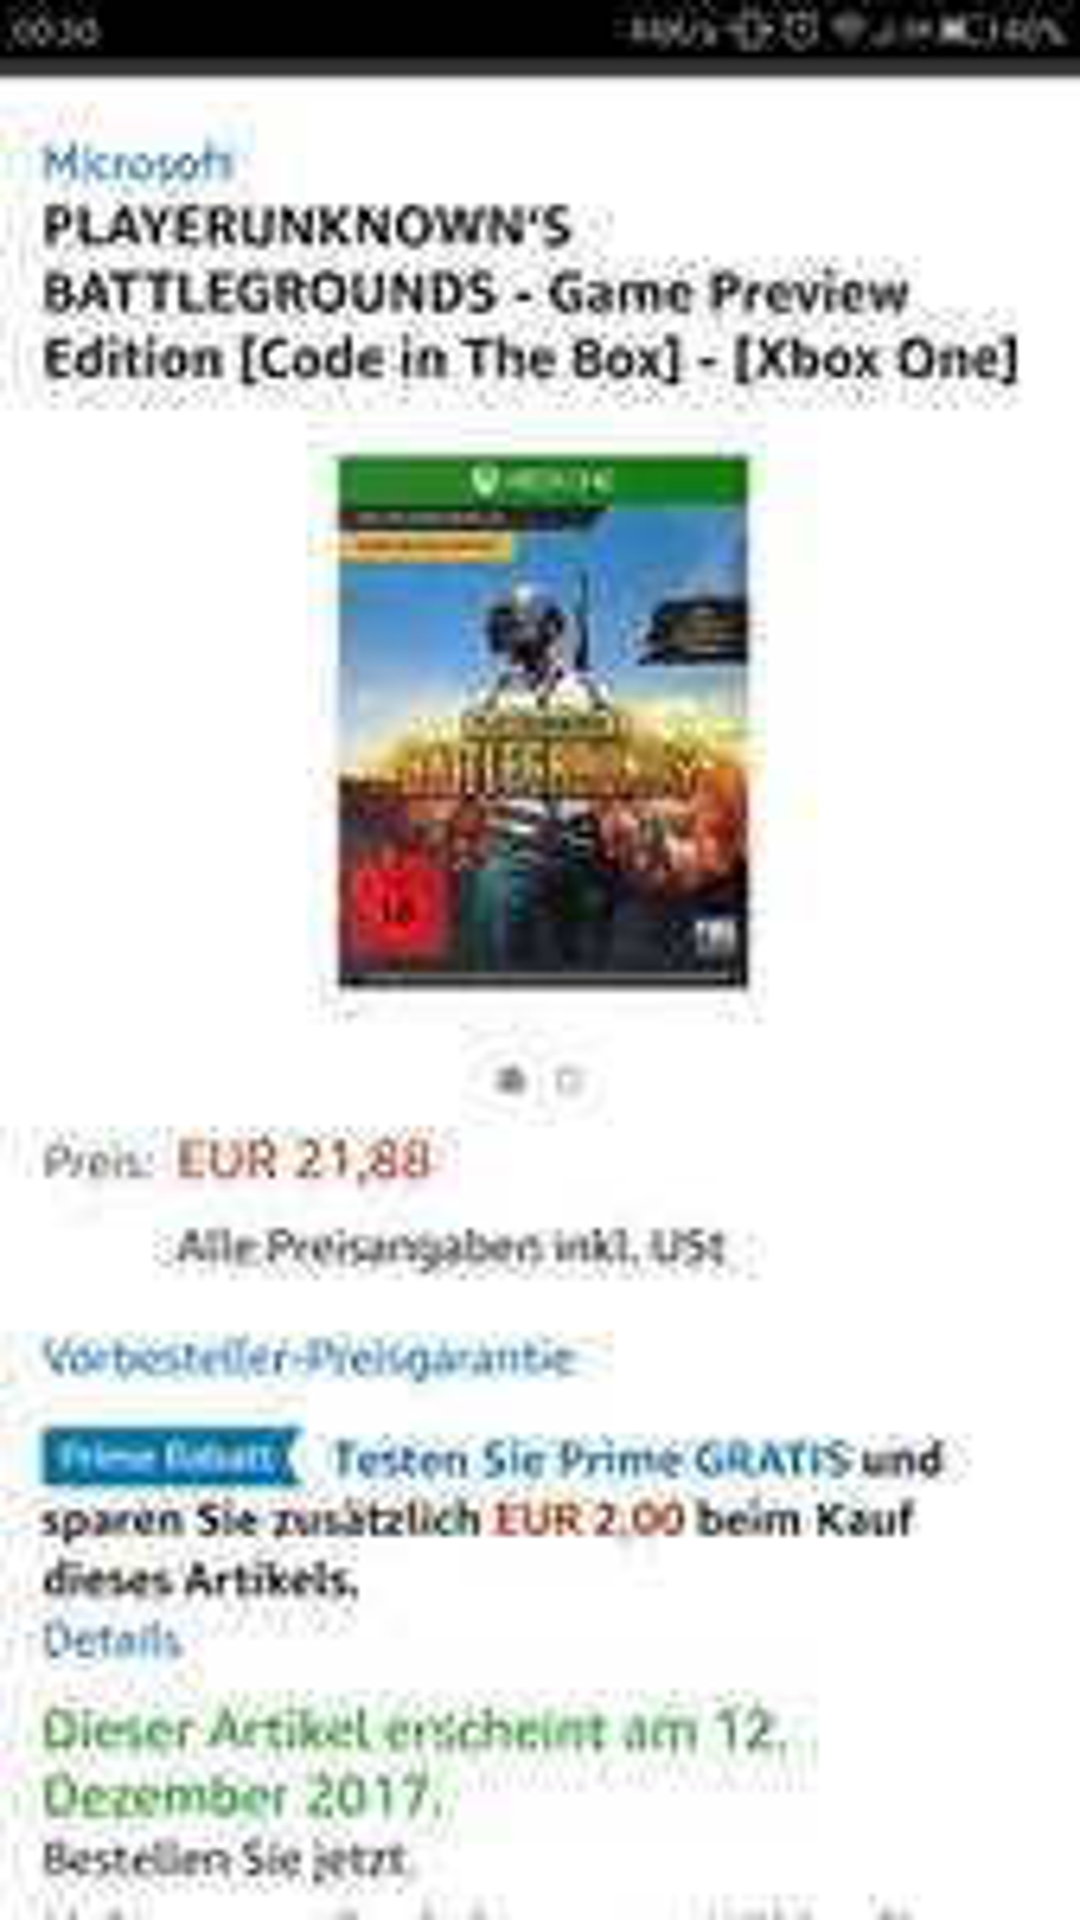 Amazon Prime - Playerunknown's Battlegrounds (Xbox One - Vorbestellung)